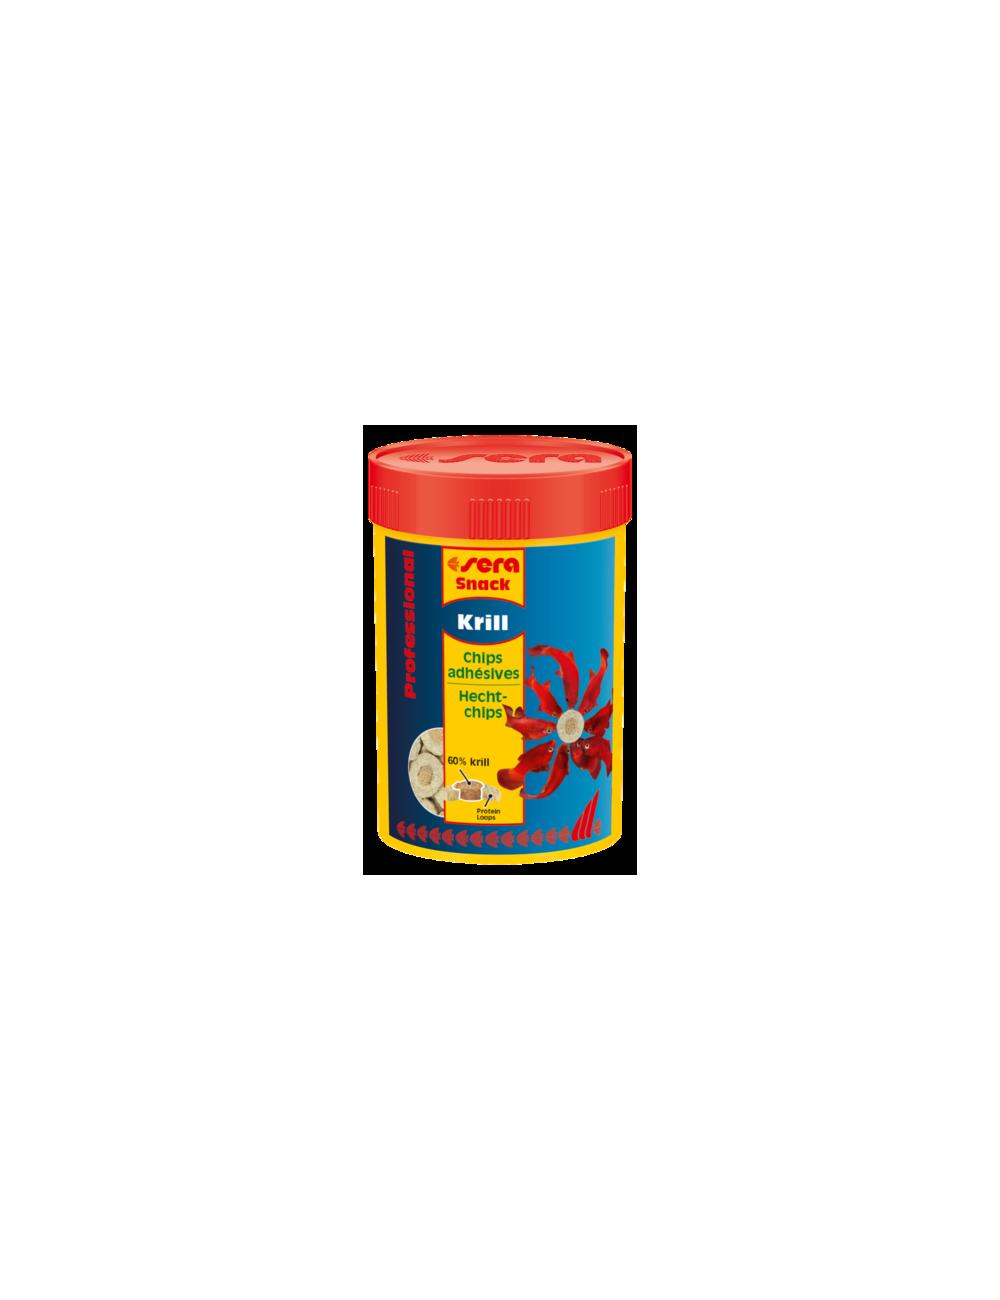 SERA - Krill Snack Professional - 36g - Chips adhésives pour poissons d'eau de mer et d'eau douce